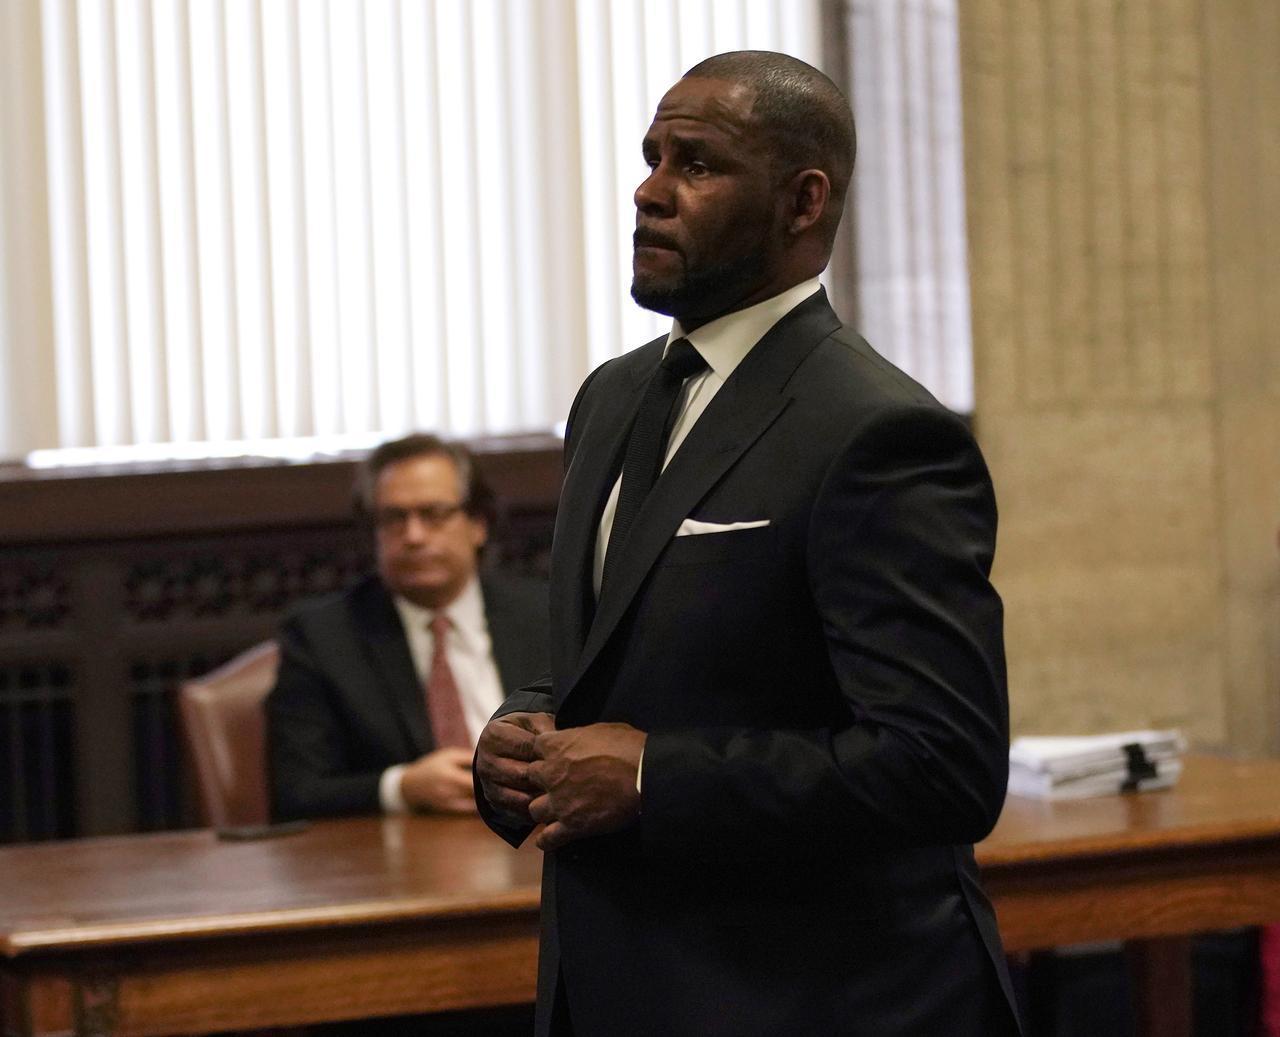 画像2: R.ケリーが「11件の性犯罪」で起訴される